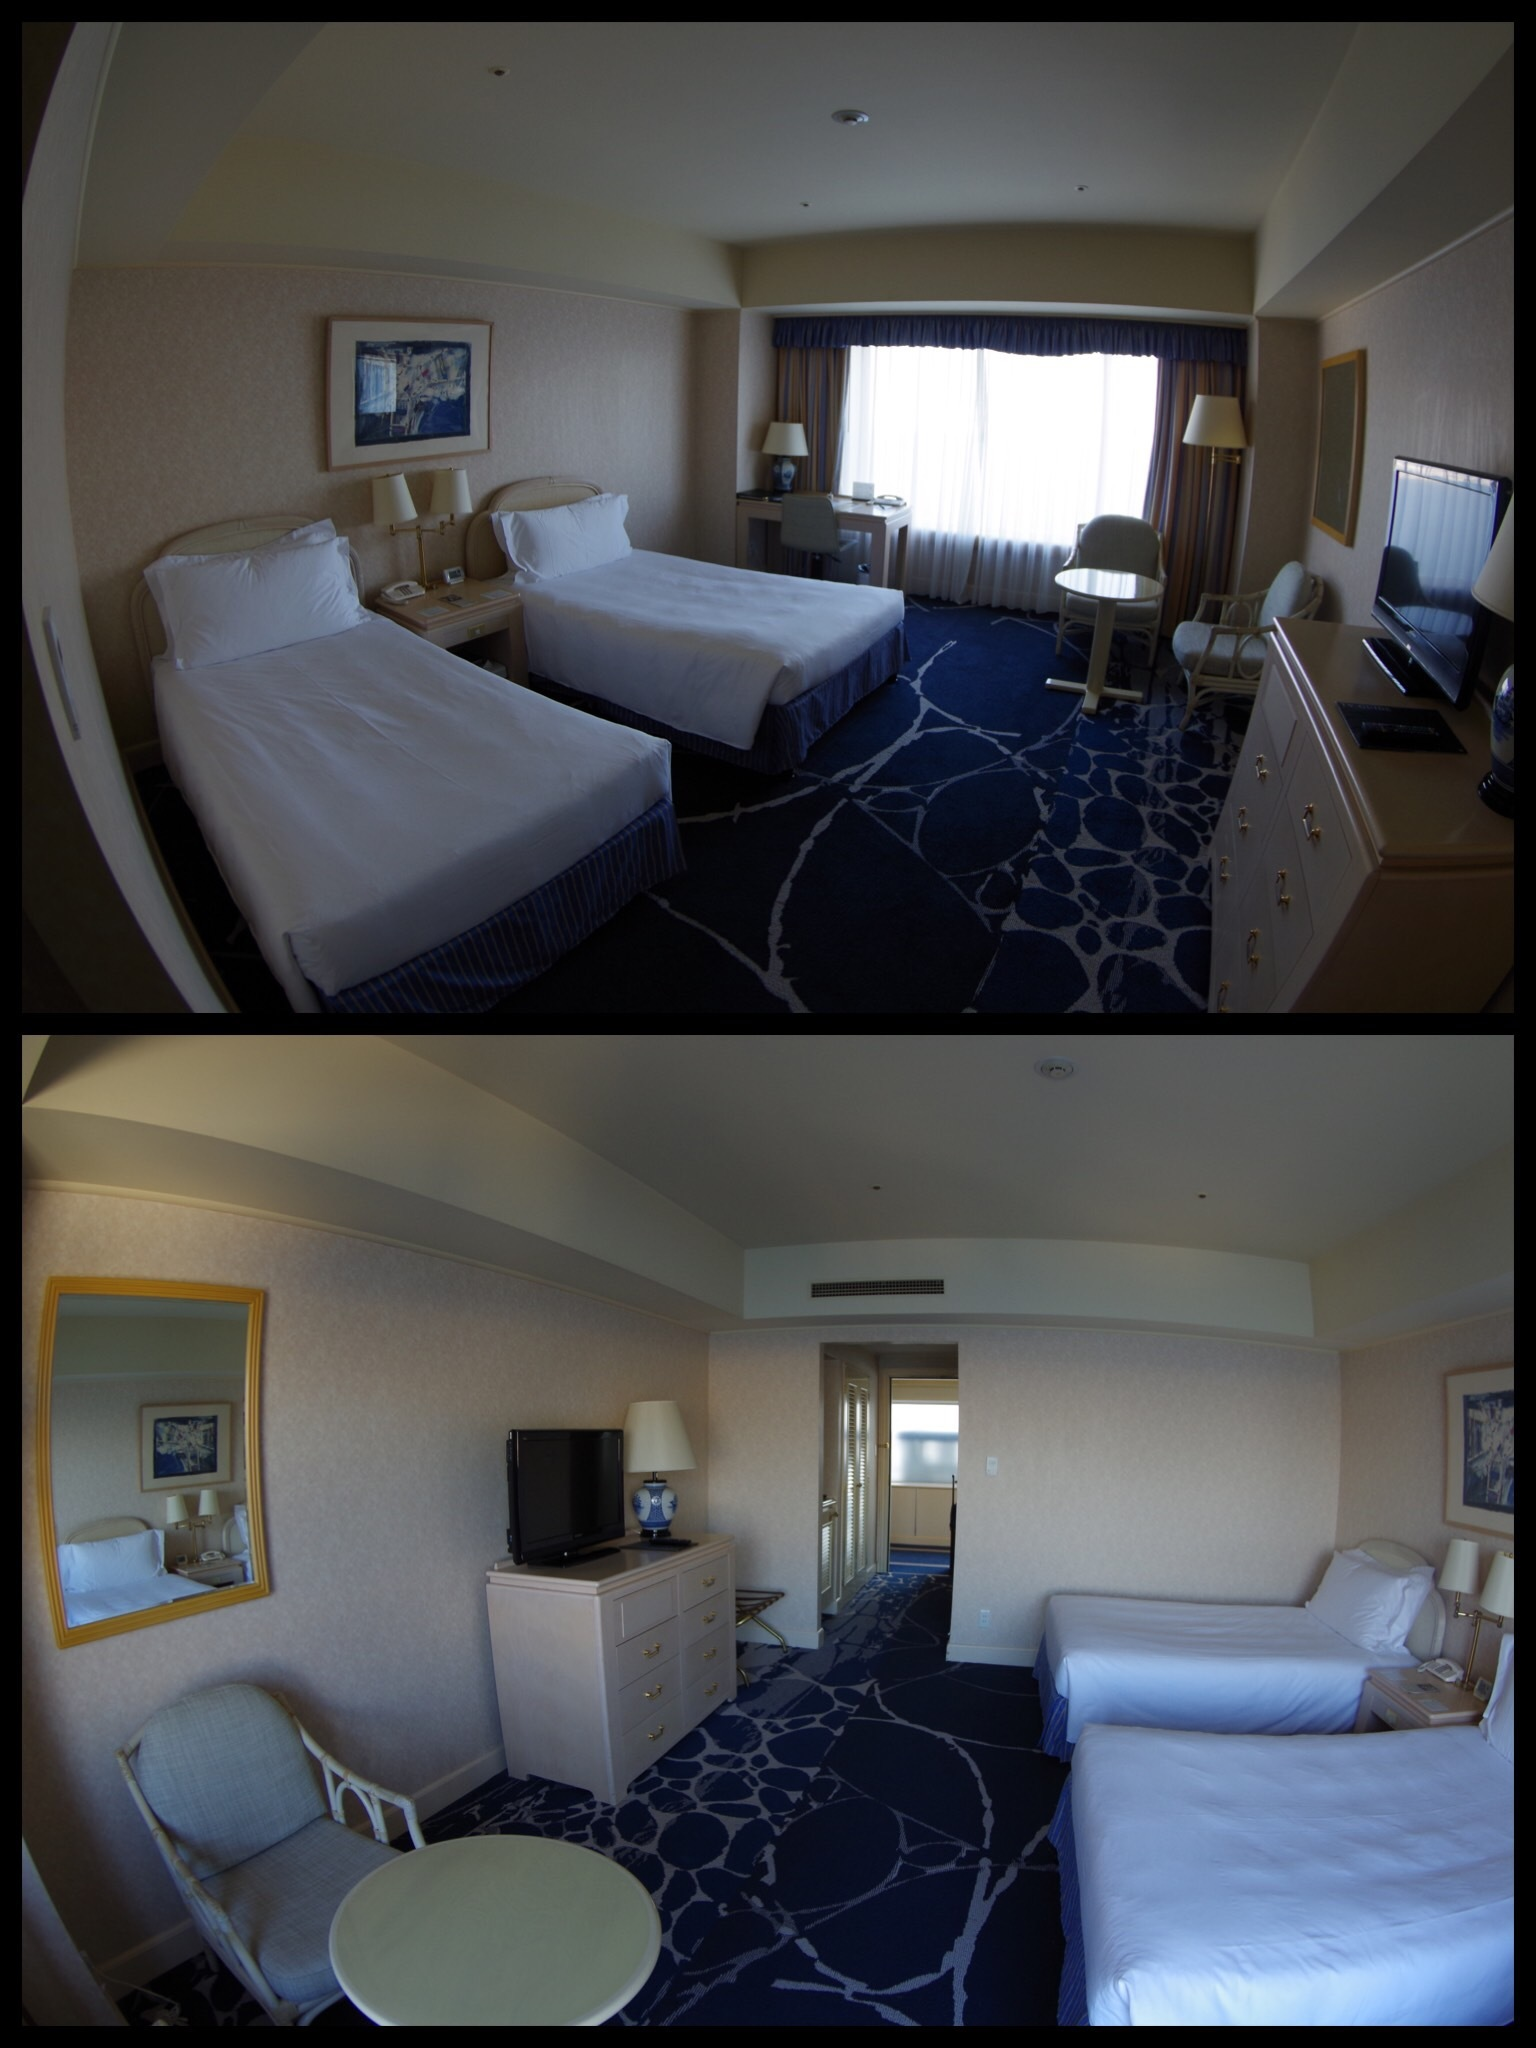 ヨコハマグランドインターコンチネンタルホテル intercontinental grand yokohama クリスマス